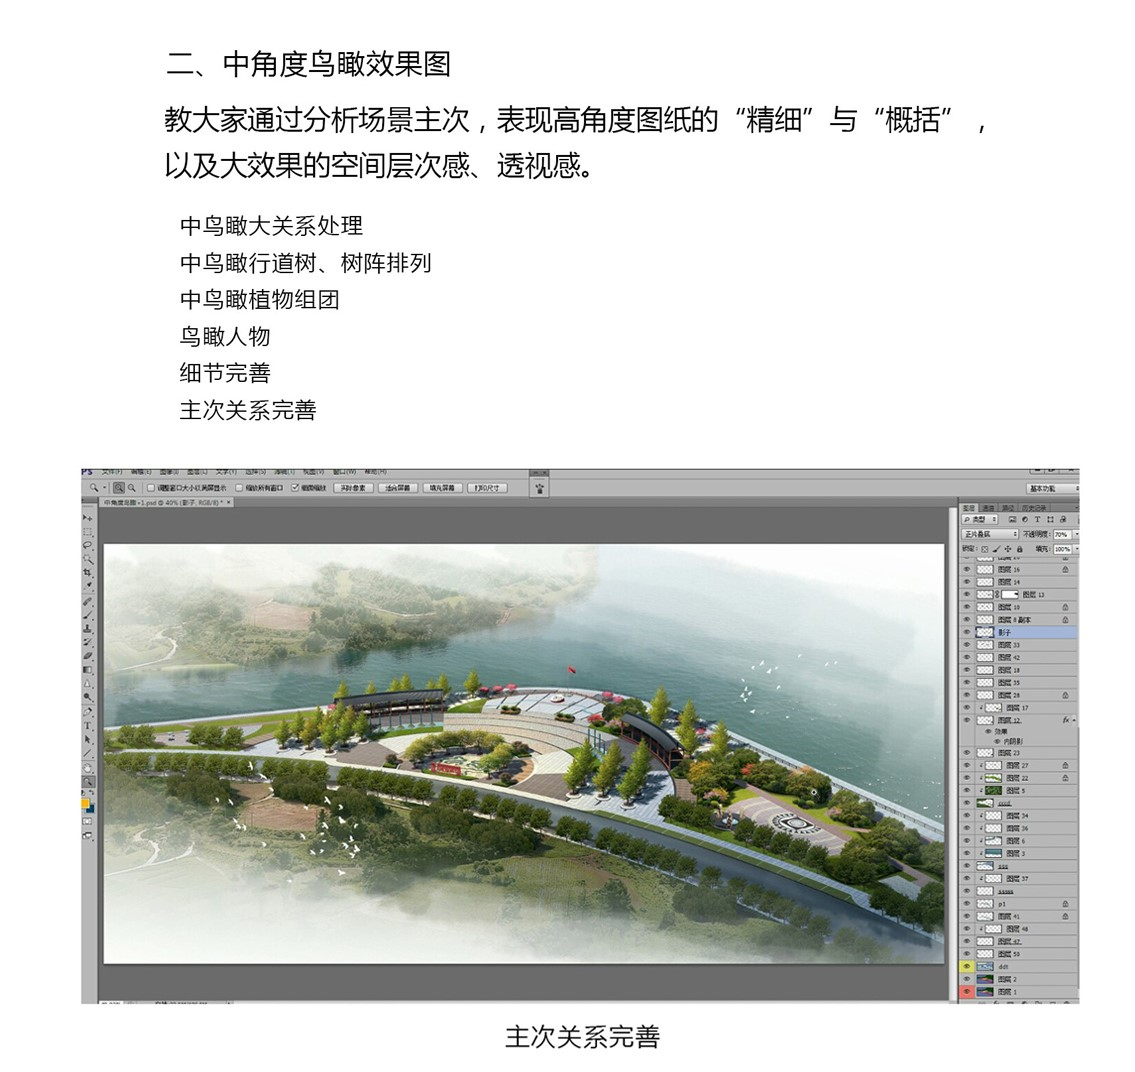 中角度鸟瞰效果图,Photoshop景观效果图,景观效果图表现,ps景观效果图